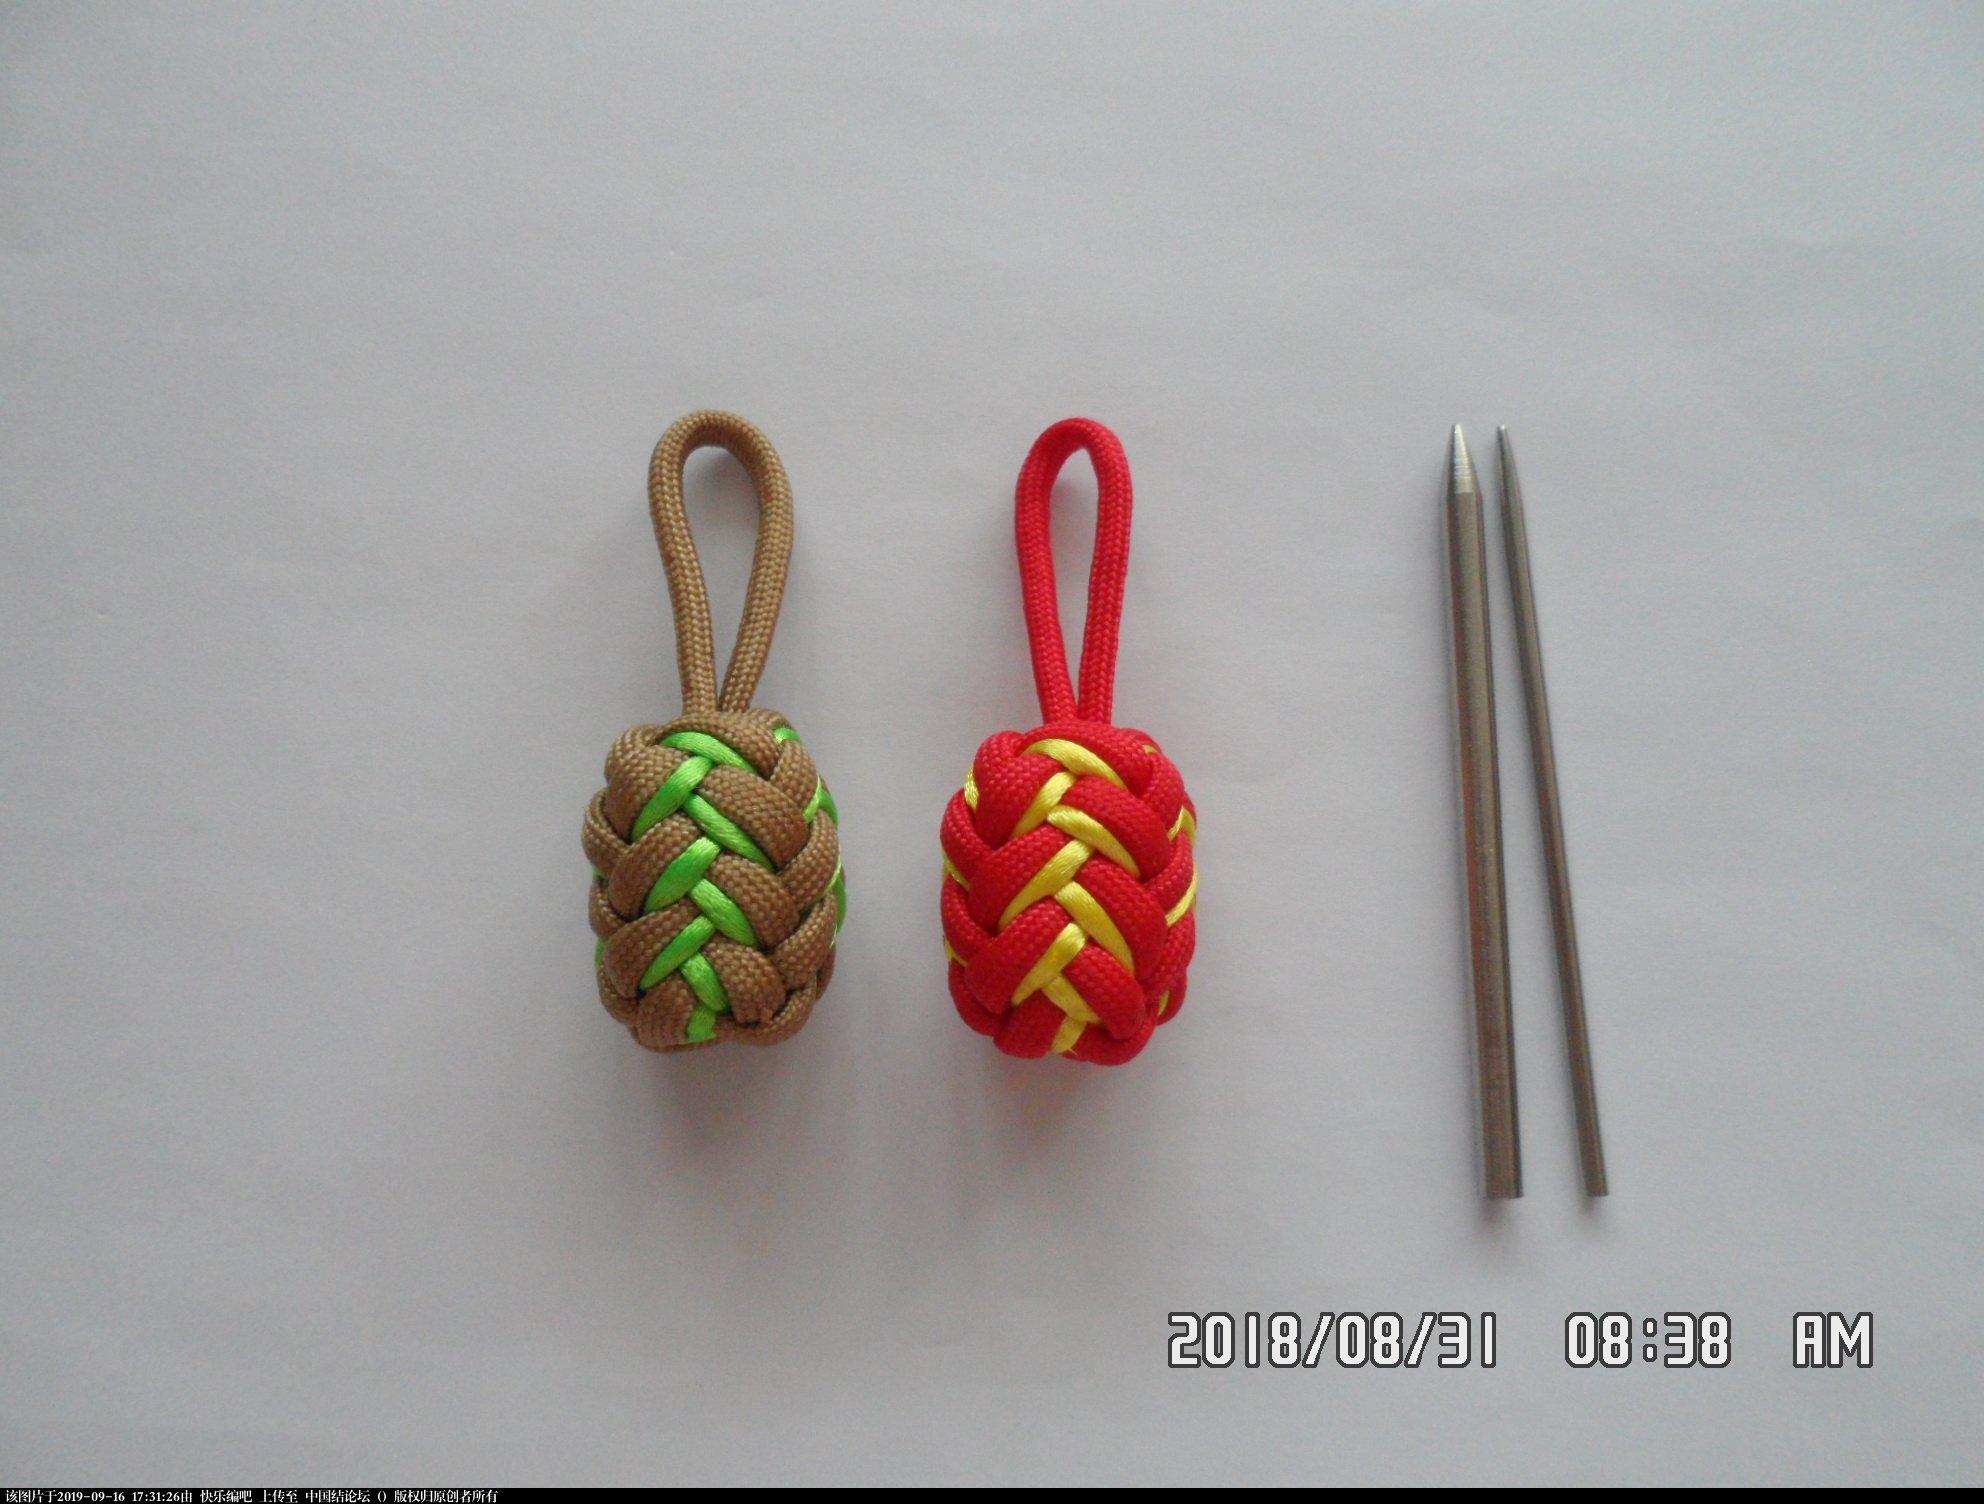 中国结论坛 一款伞绳菠萝形小挂件的走线方法  图文教程区 154055s615d46vvvvq4zkj